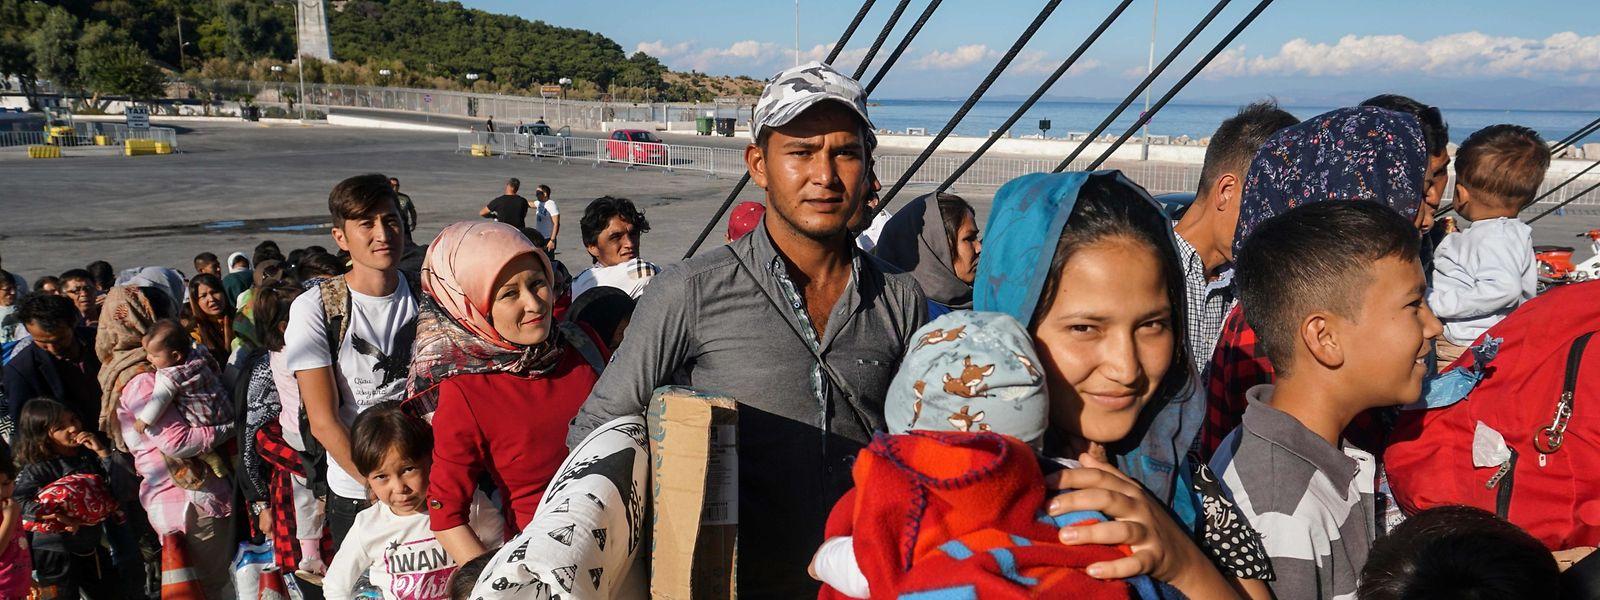 Flüchtlinge und Migranten werden mit einem Schiff von der Insel Lesbos in den Norden Griechenlands gebracht.